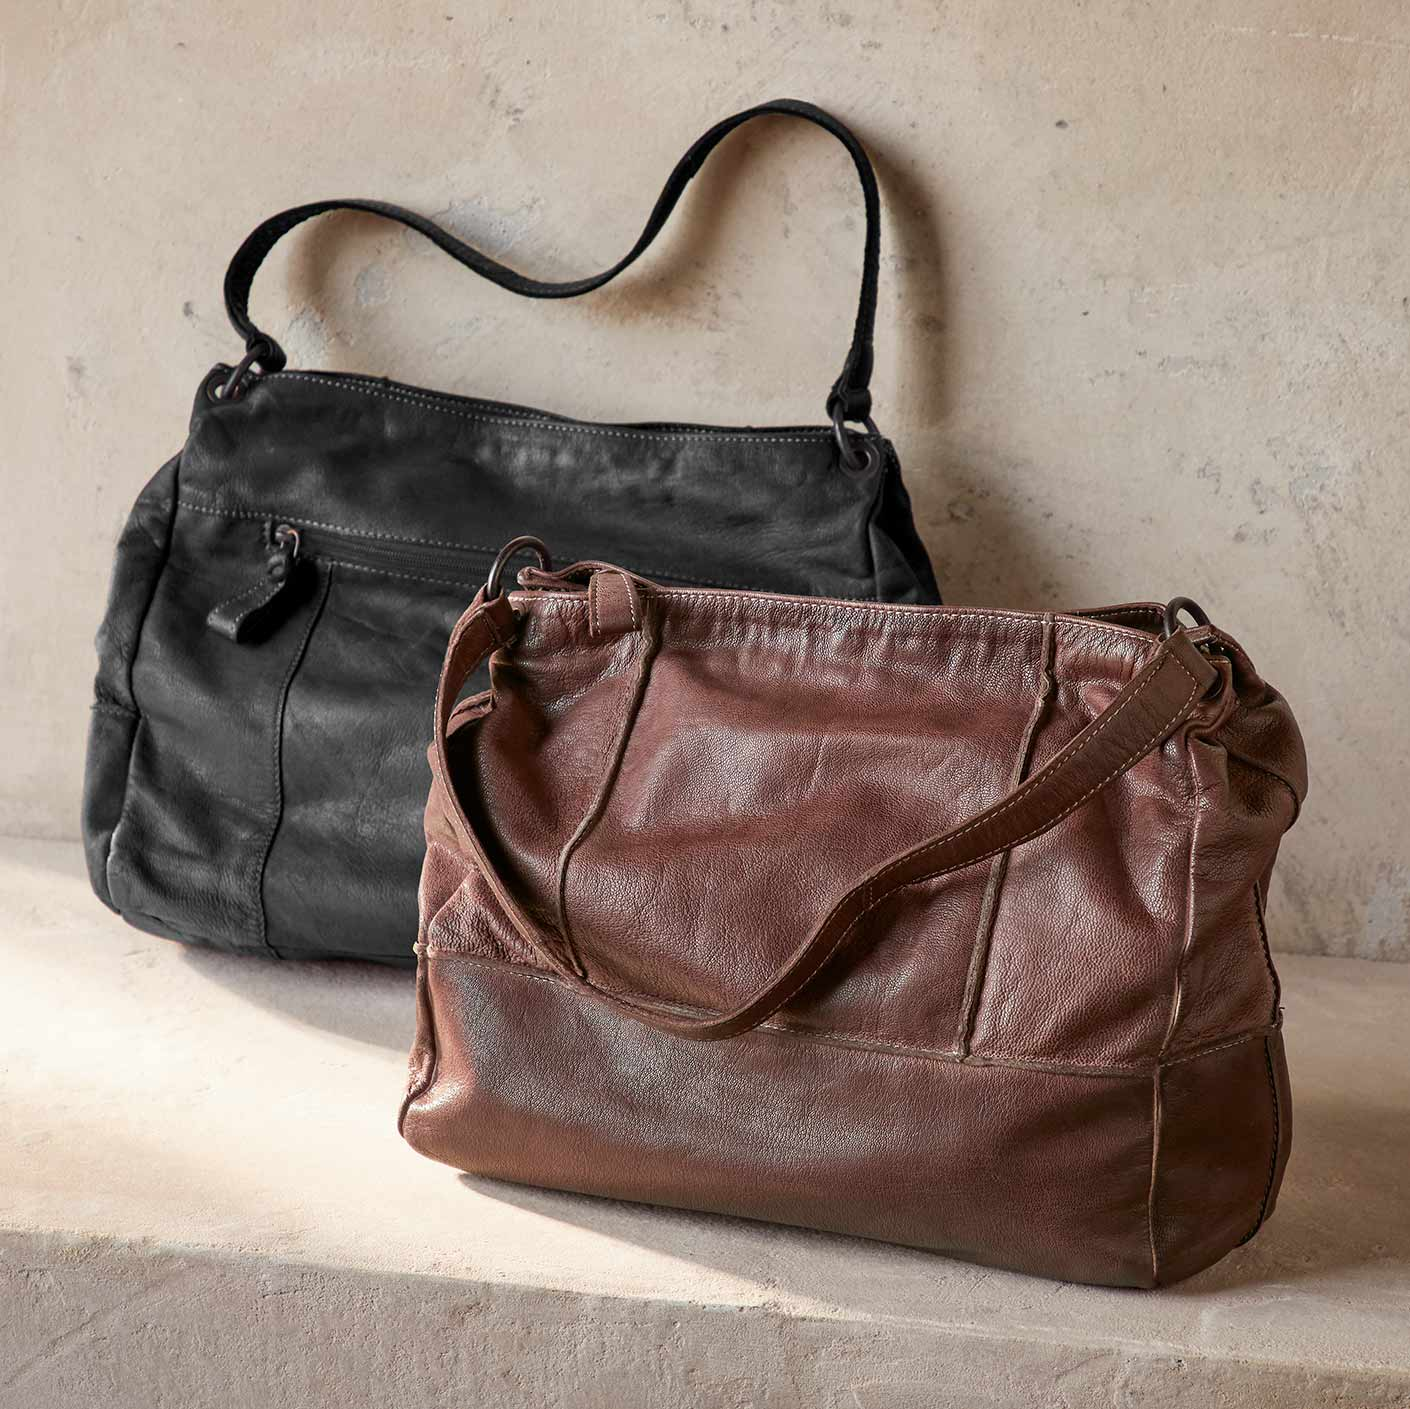 Concourse Bag